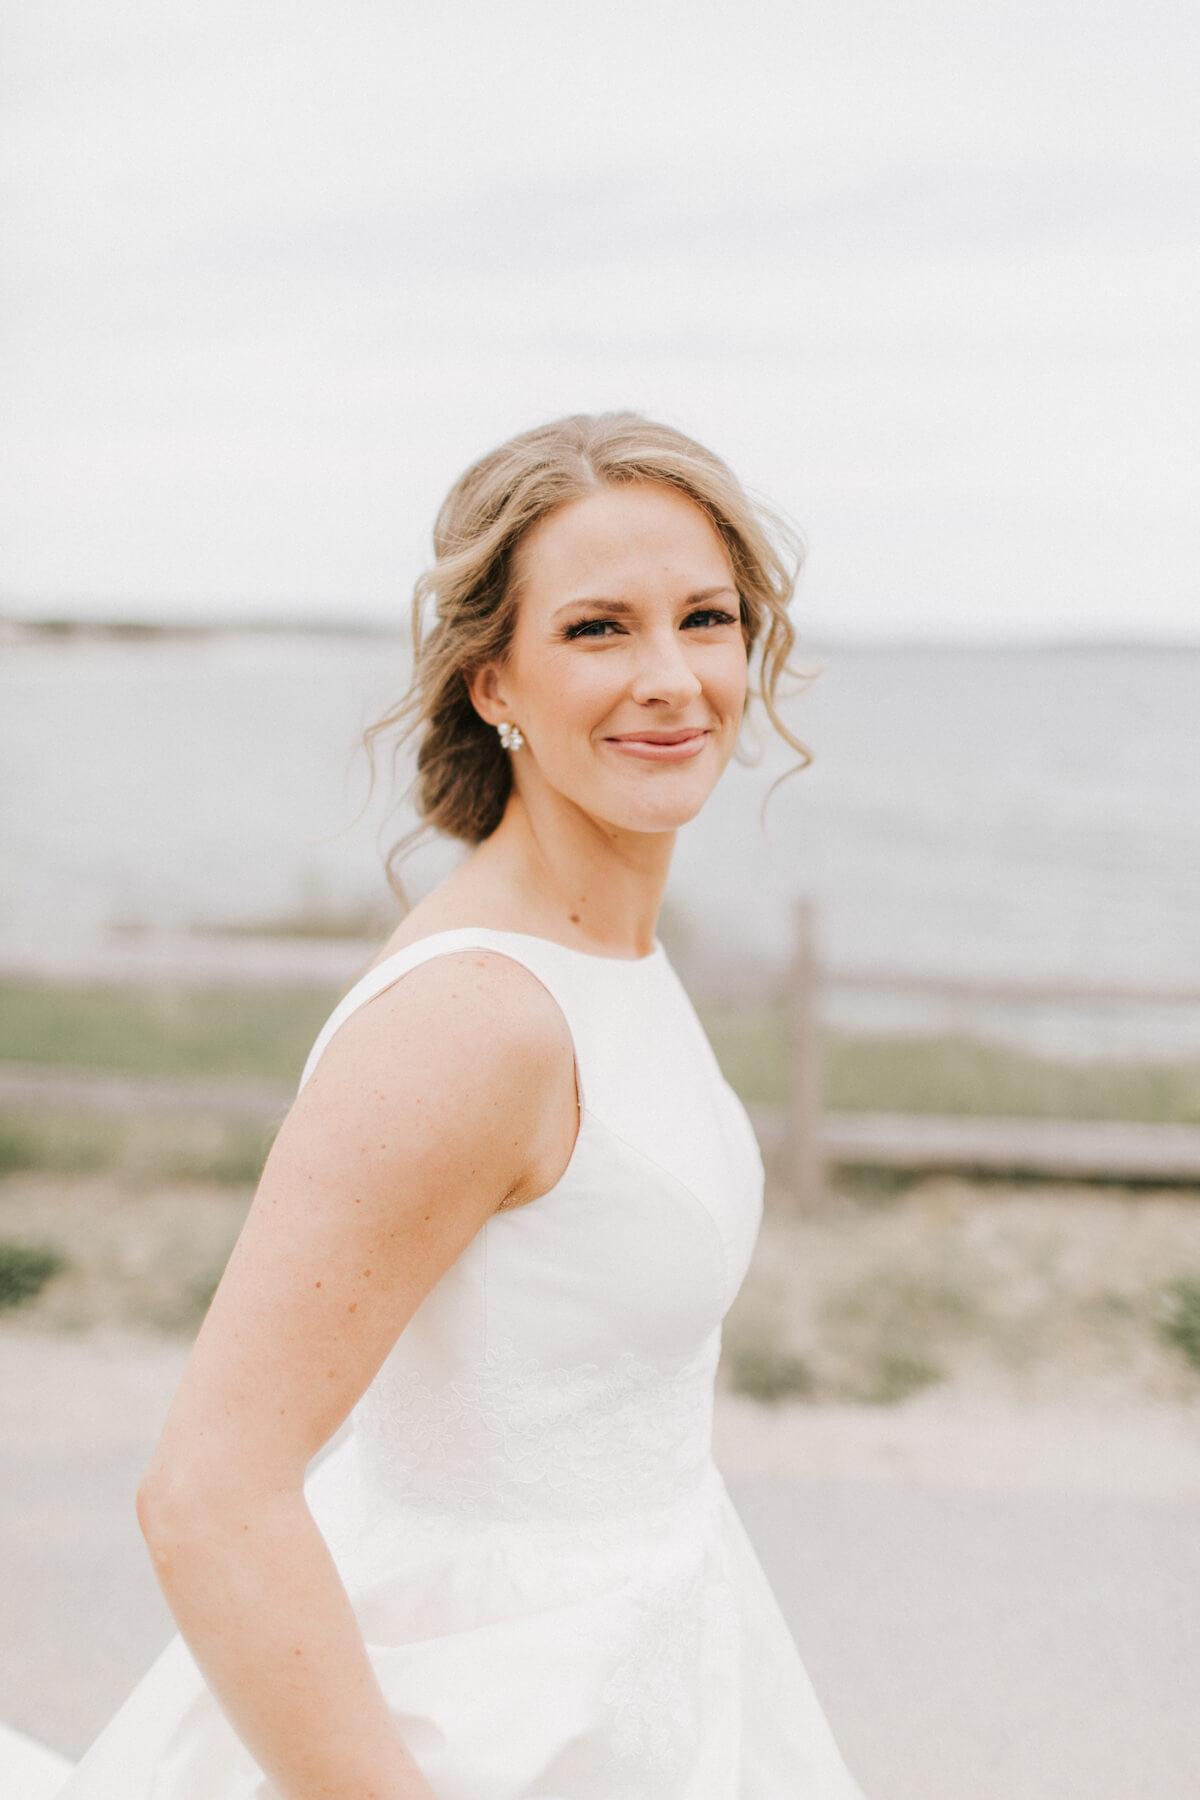 classic-bridal-gown-coastal-wedding.jpg